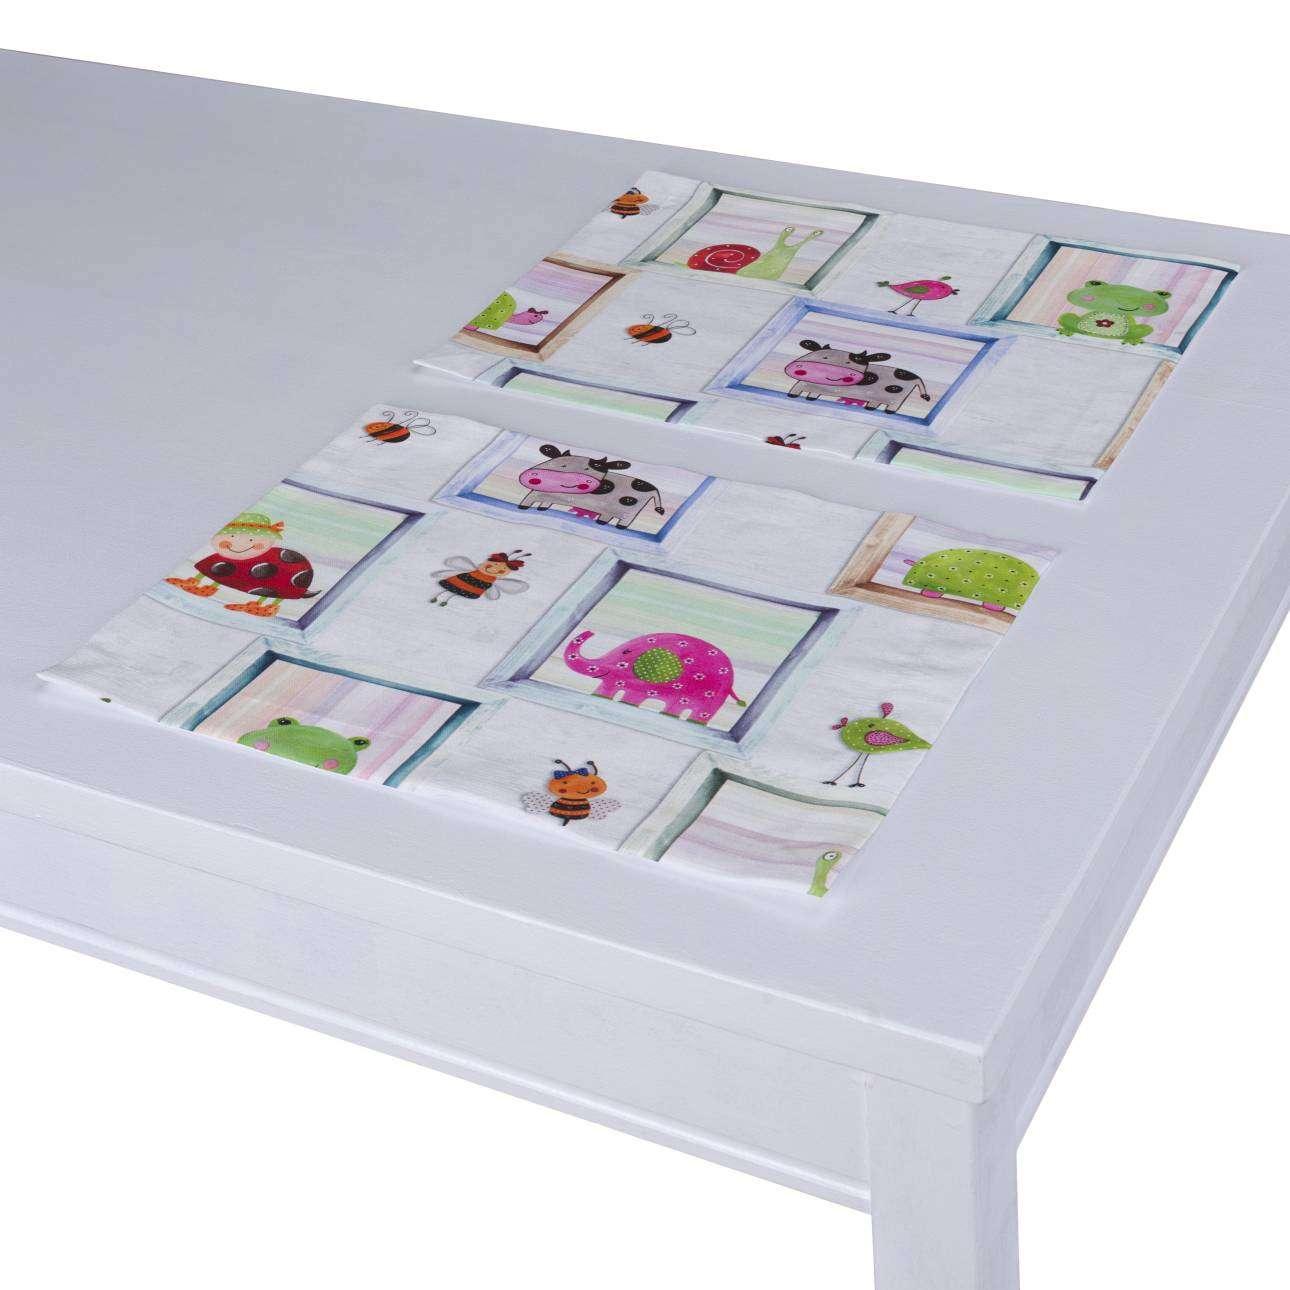 Stalo servetėlės/stalo padėkliukai – 2 vnt. 30 x 40 cm kolekcijoje Apanona, audinys: 151-04